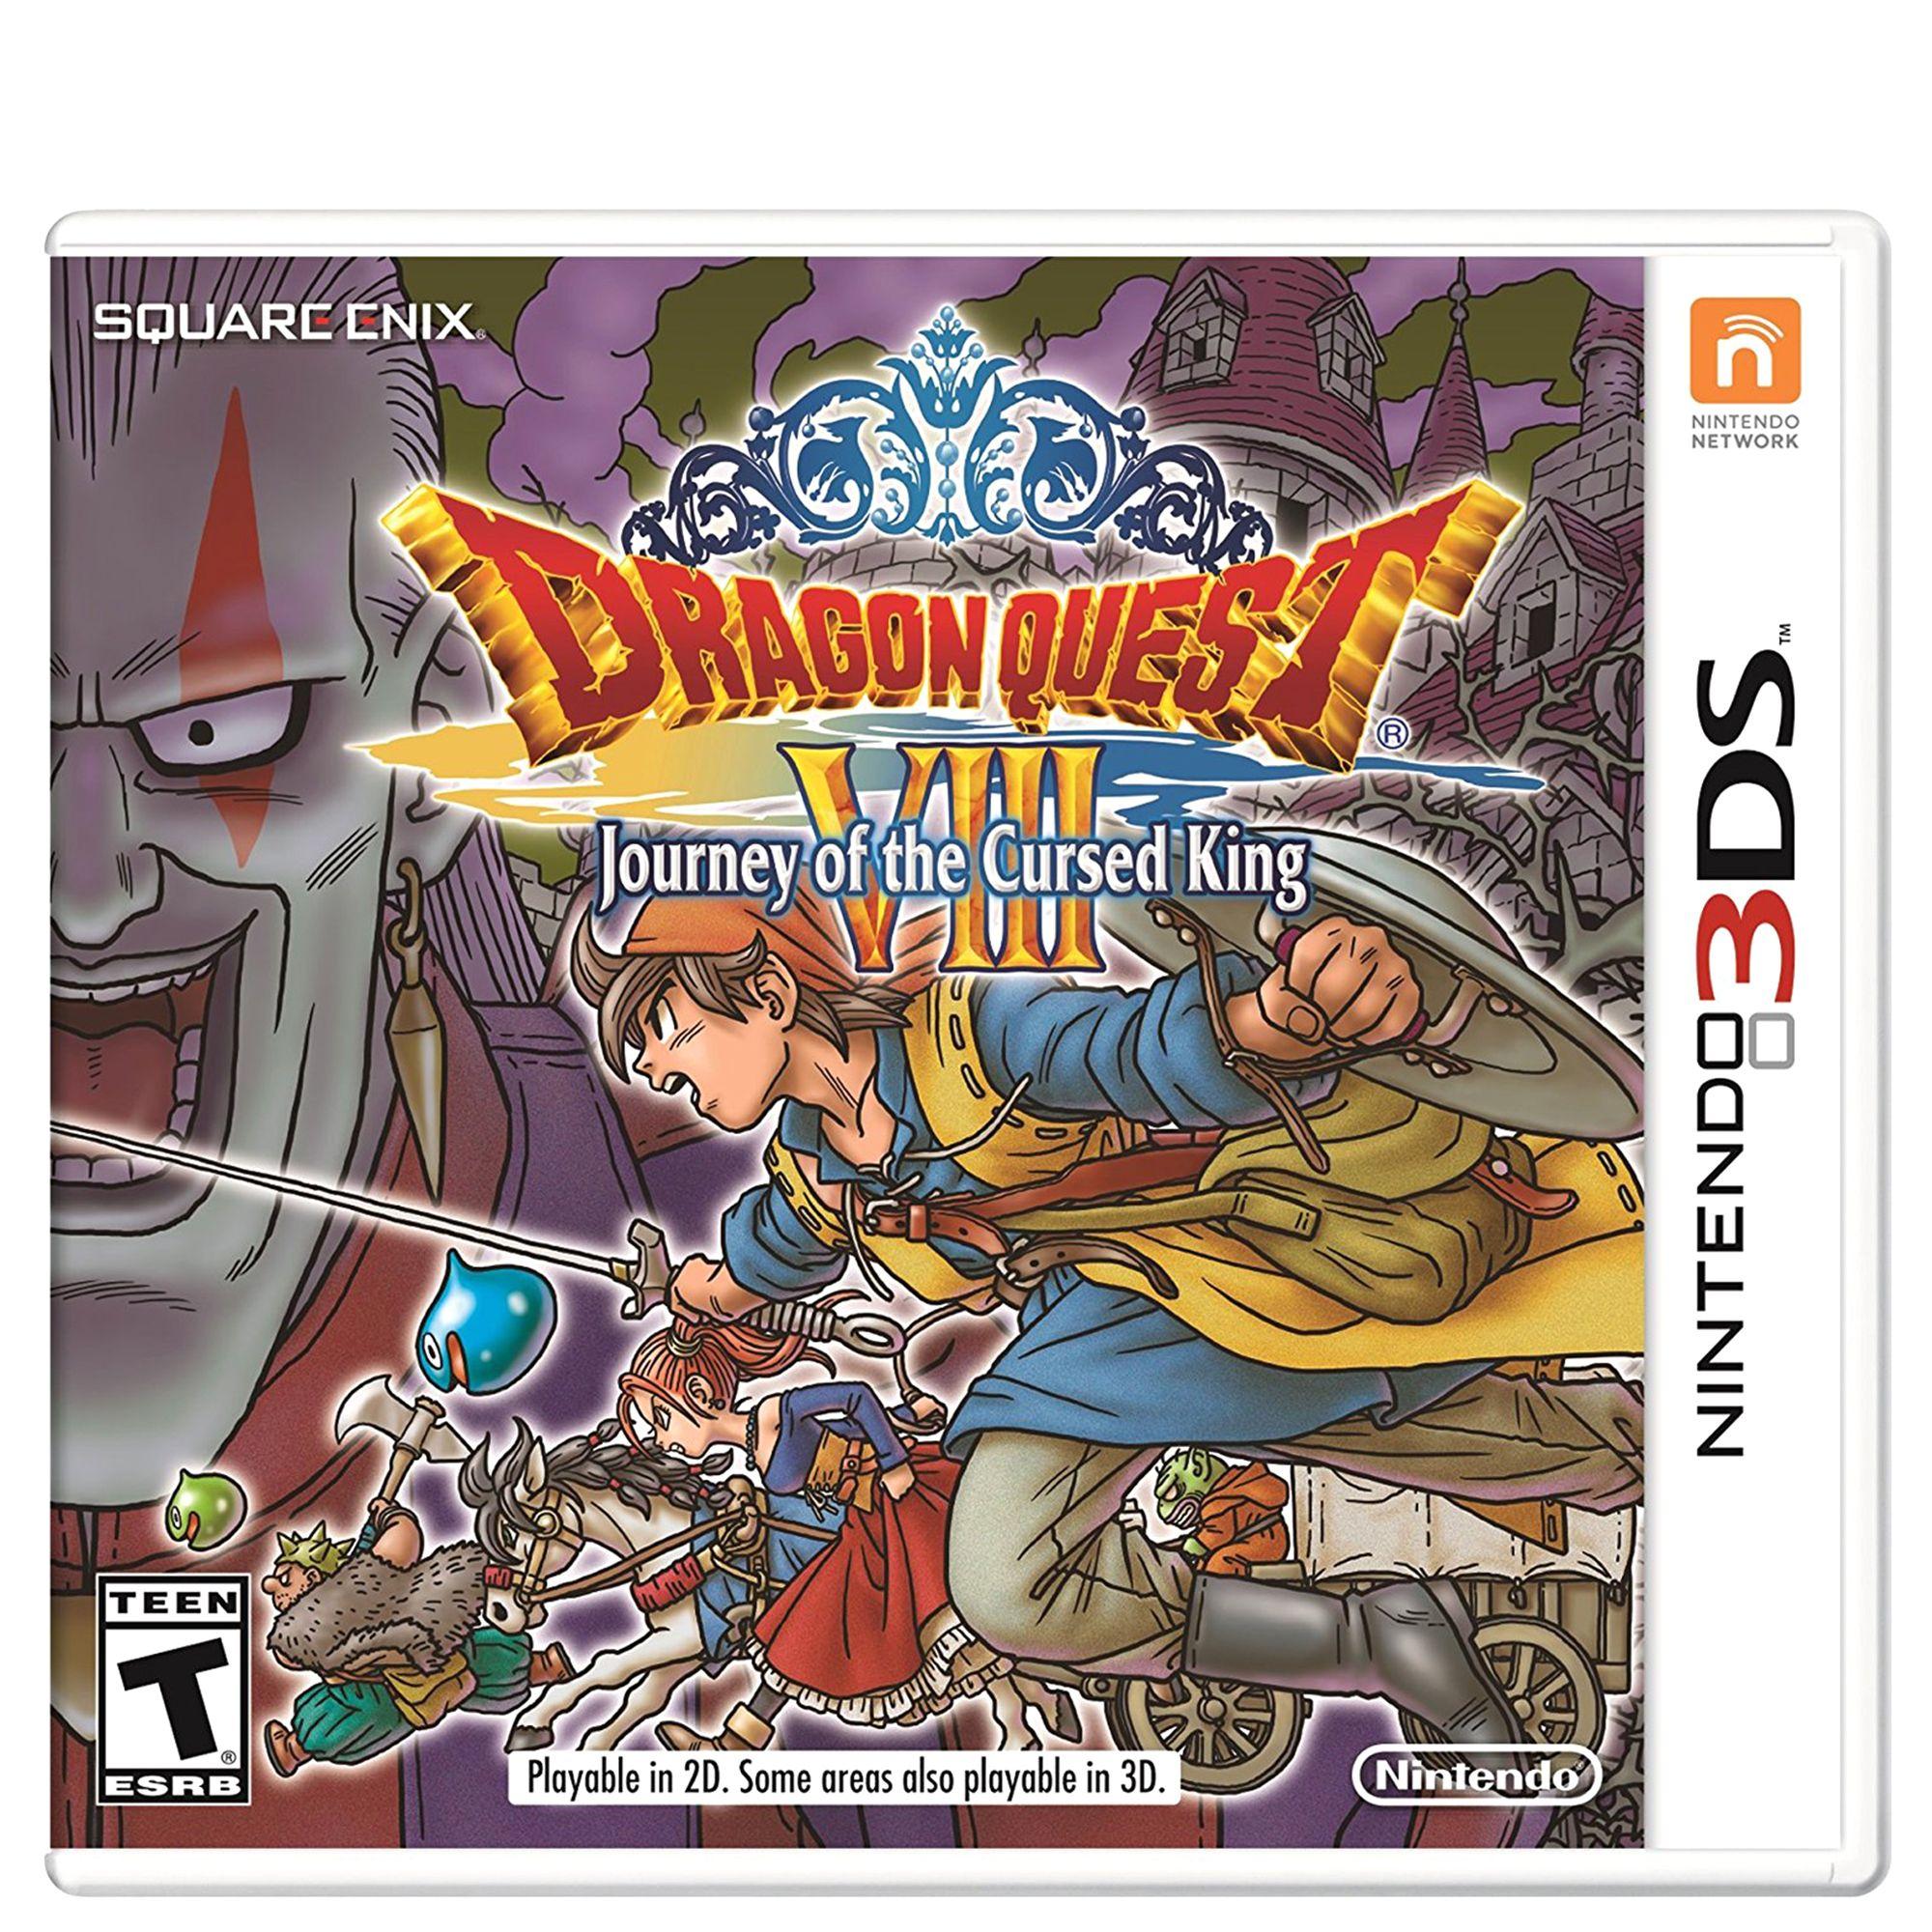 Privalia: Dragon quest VIII 3DS